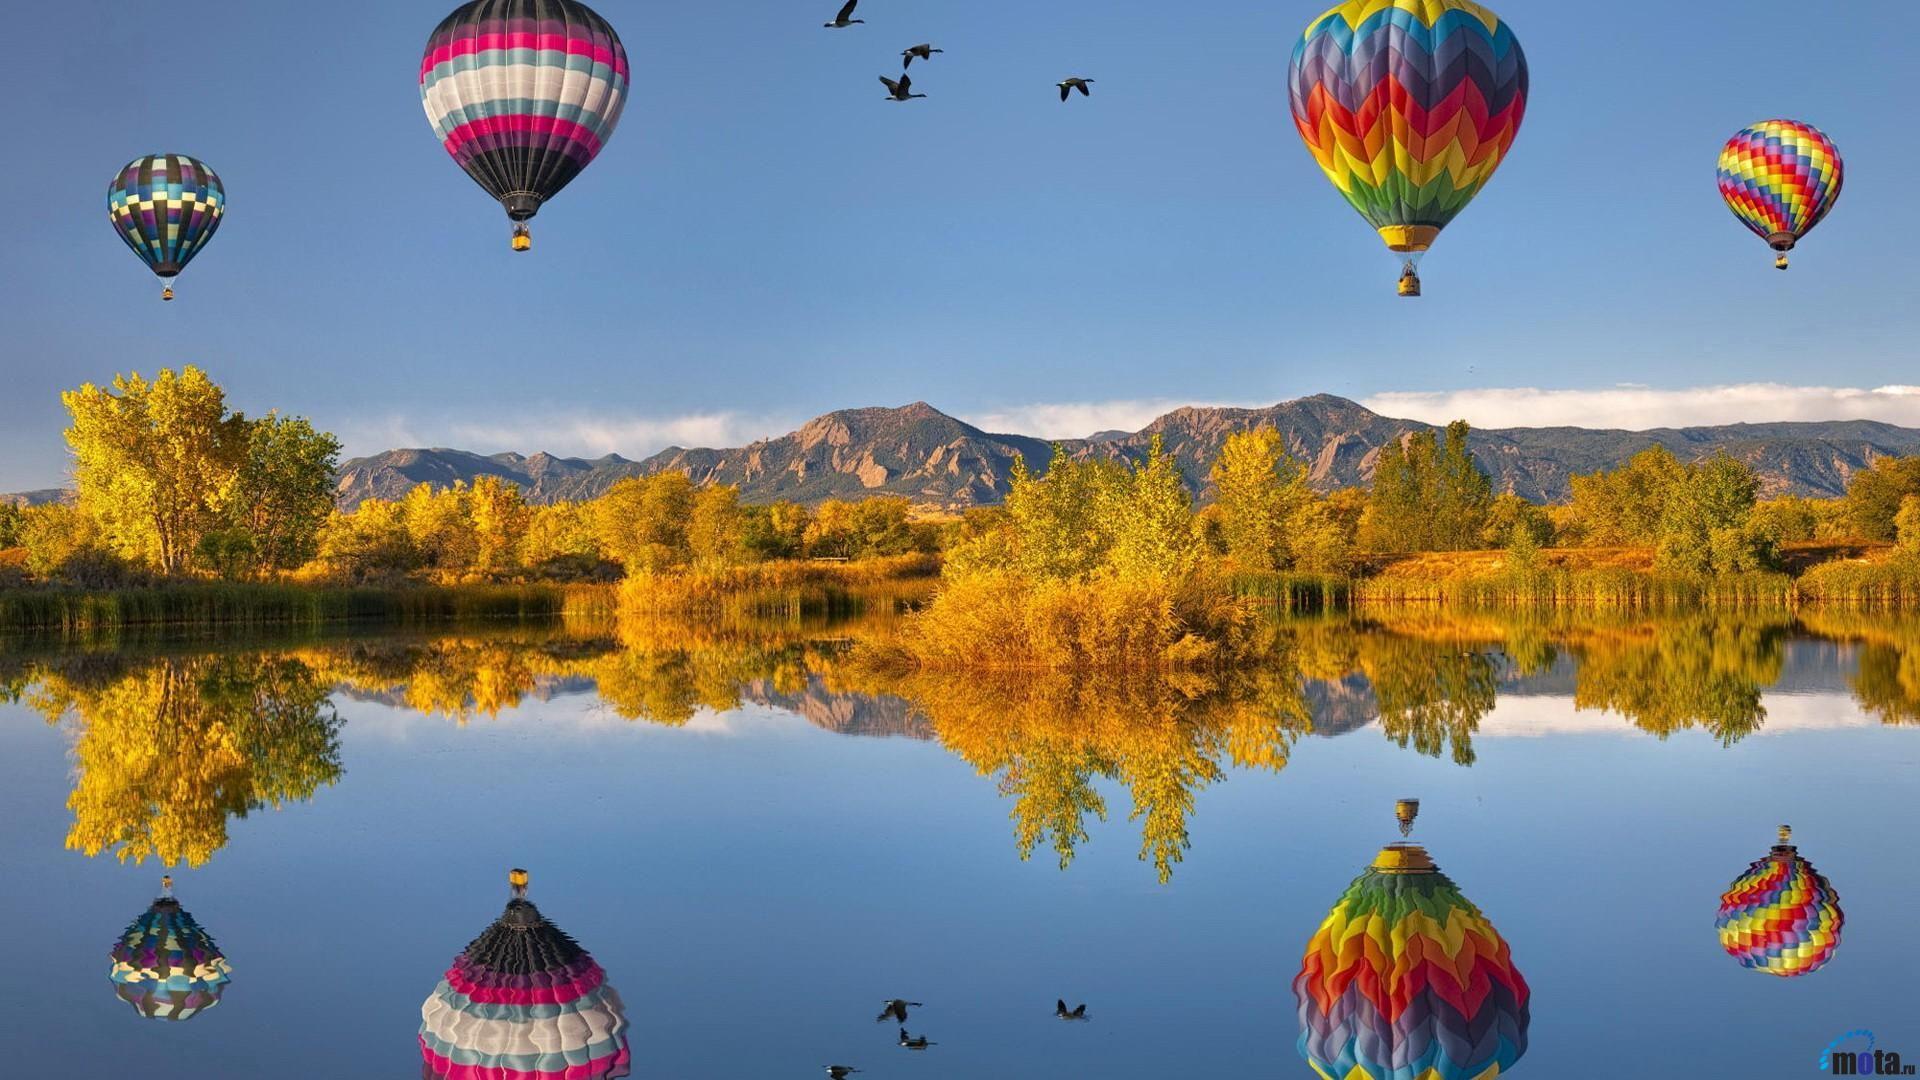 Картинки по запросу воздушные шары в небе Воздушные шары